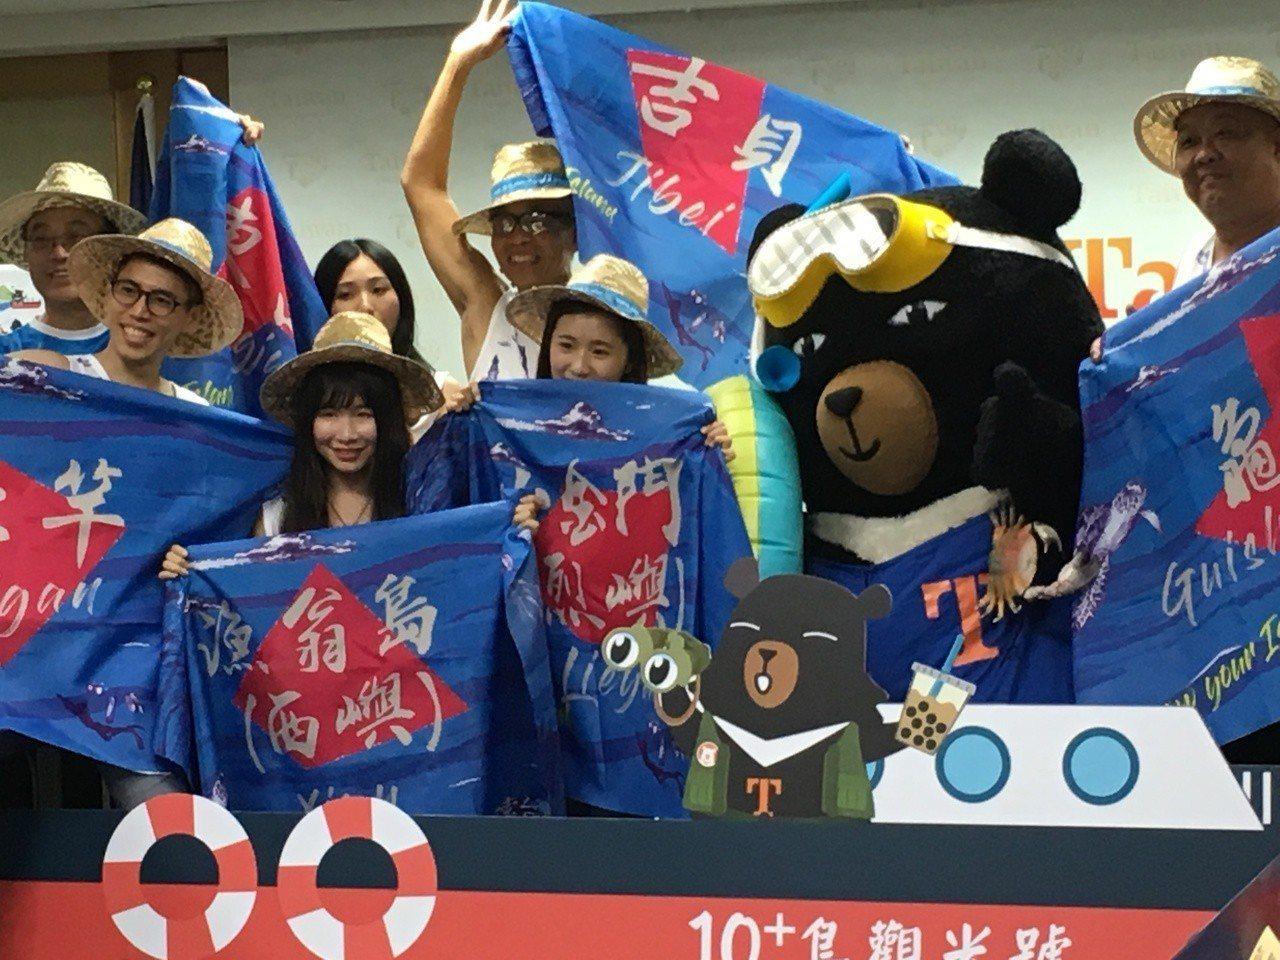 交通部觀光局為推展海灣旅遊,徵選出台灣10島島主,今天頒發證書。記者吳姿賢/攝影